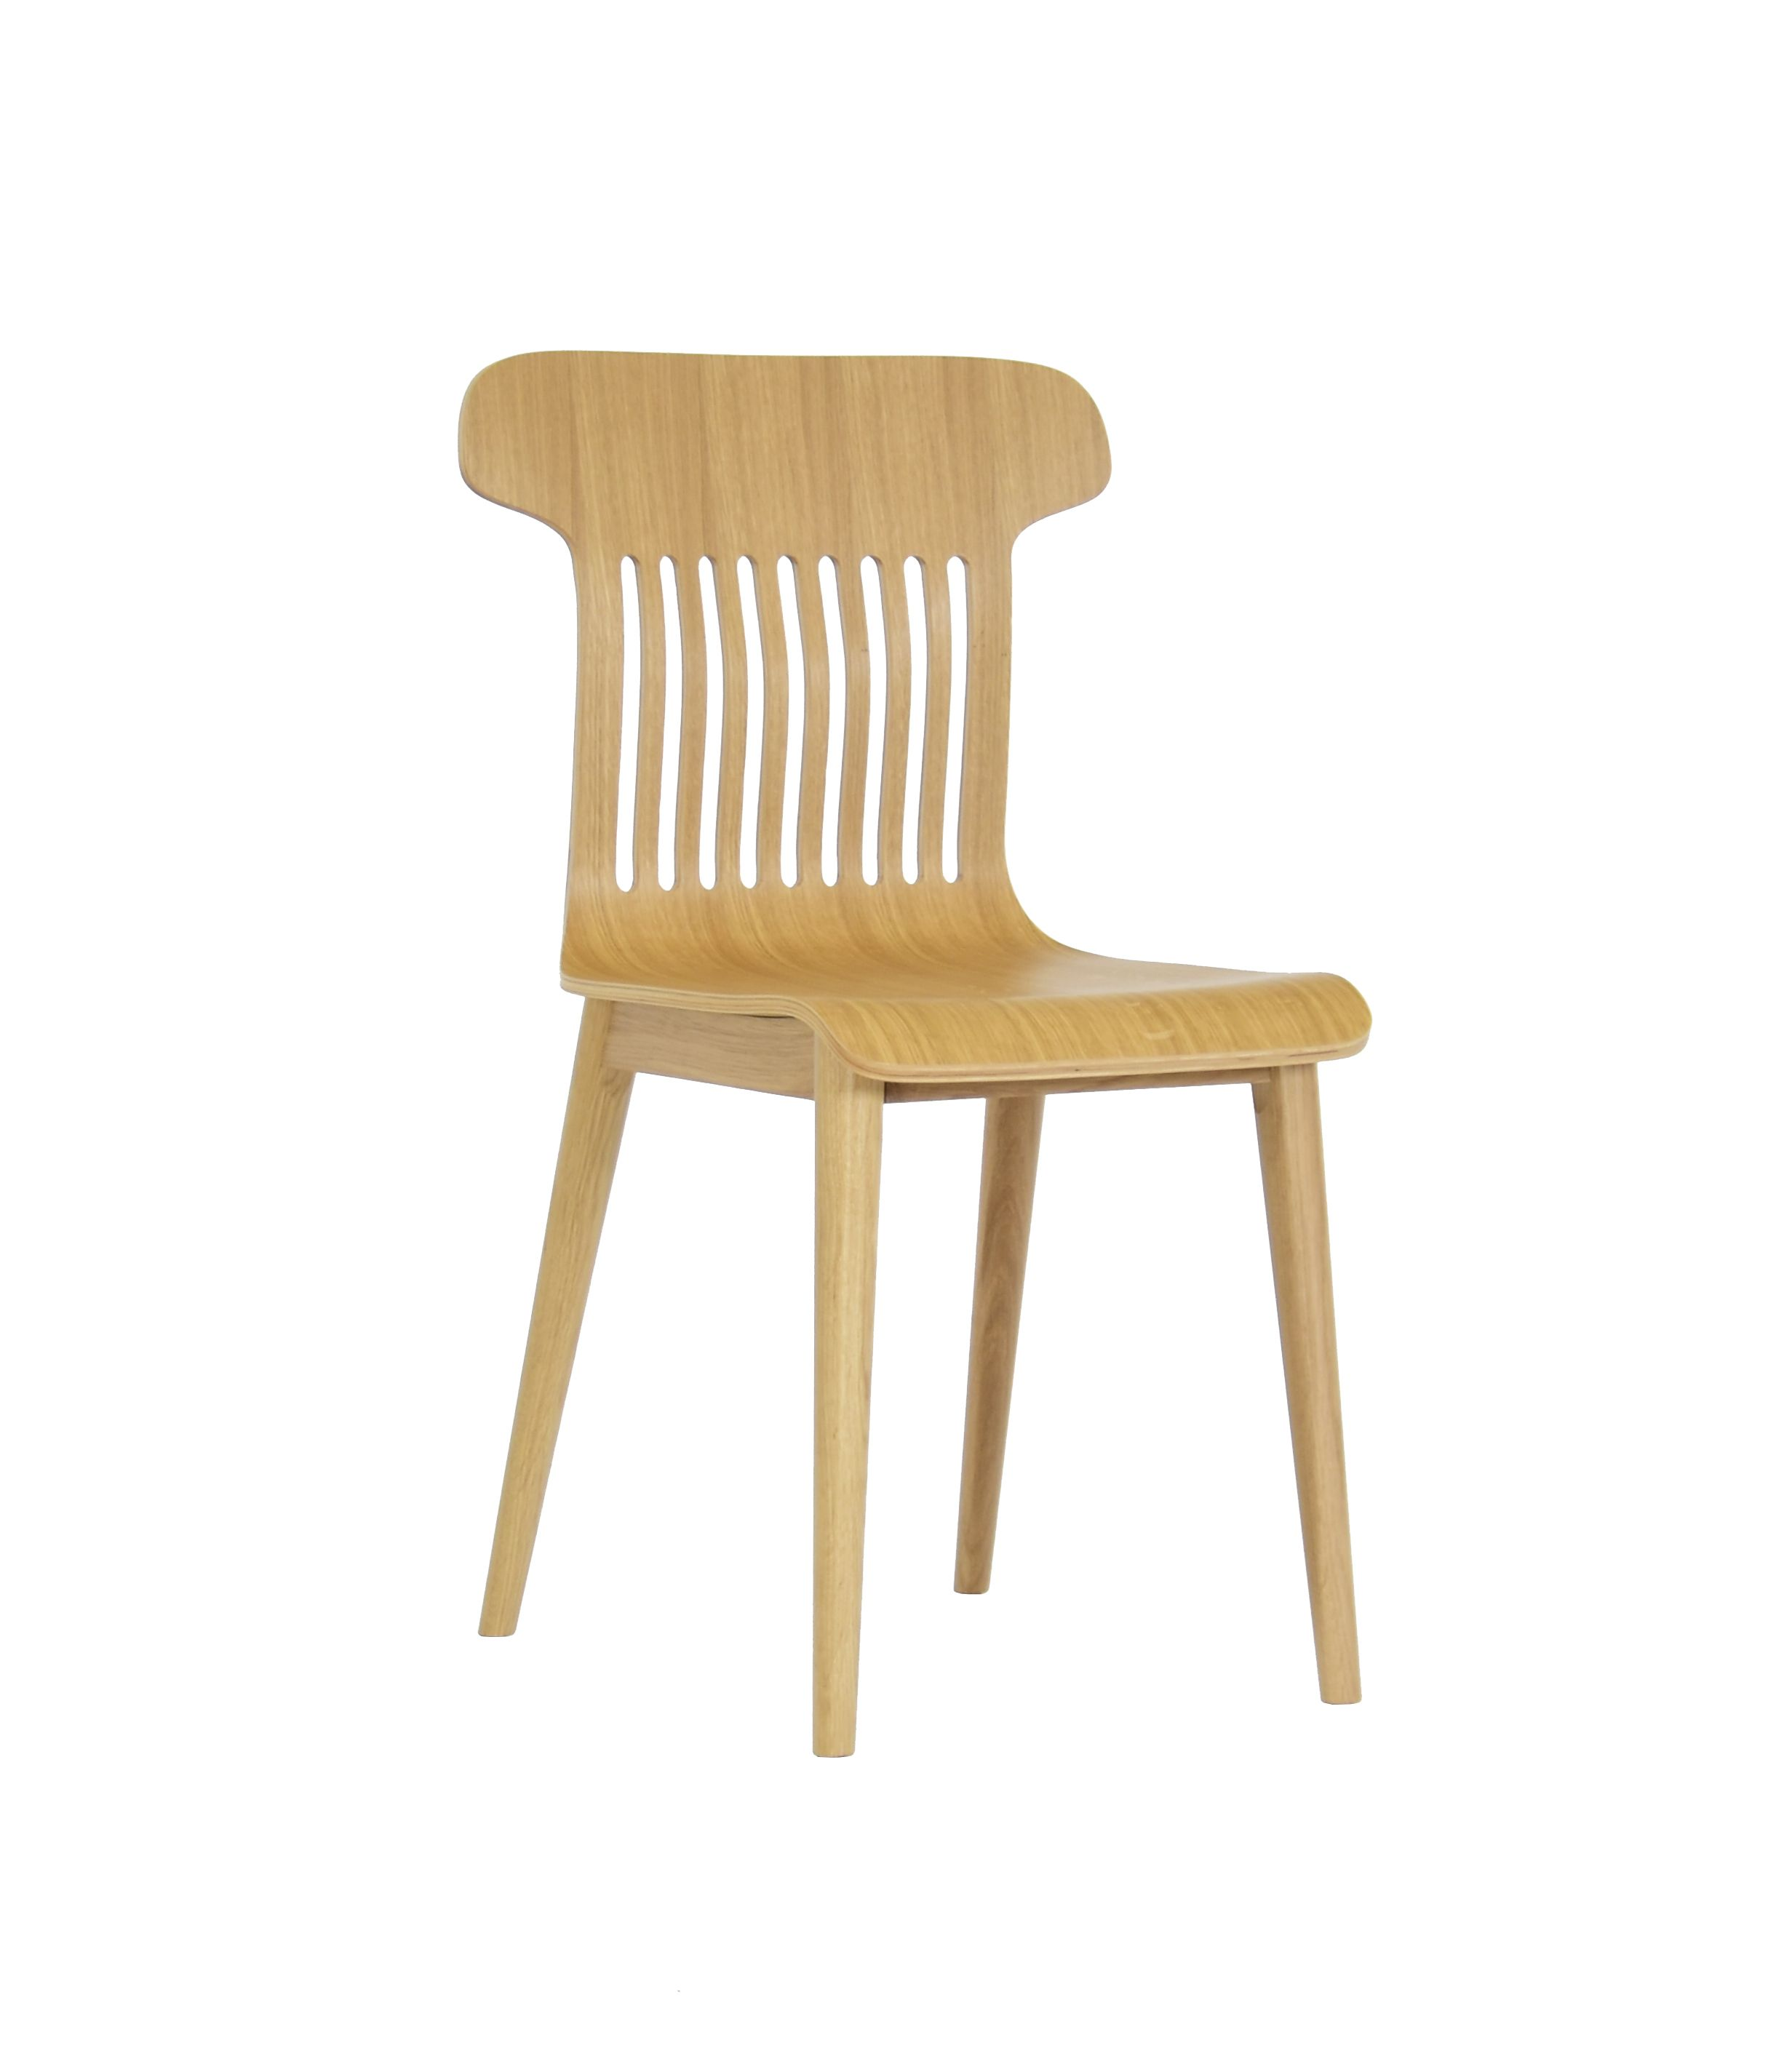 krzeslo minimalistyczne dab